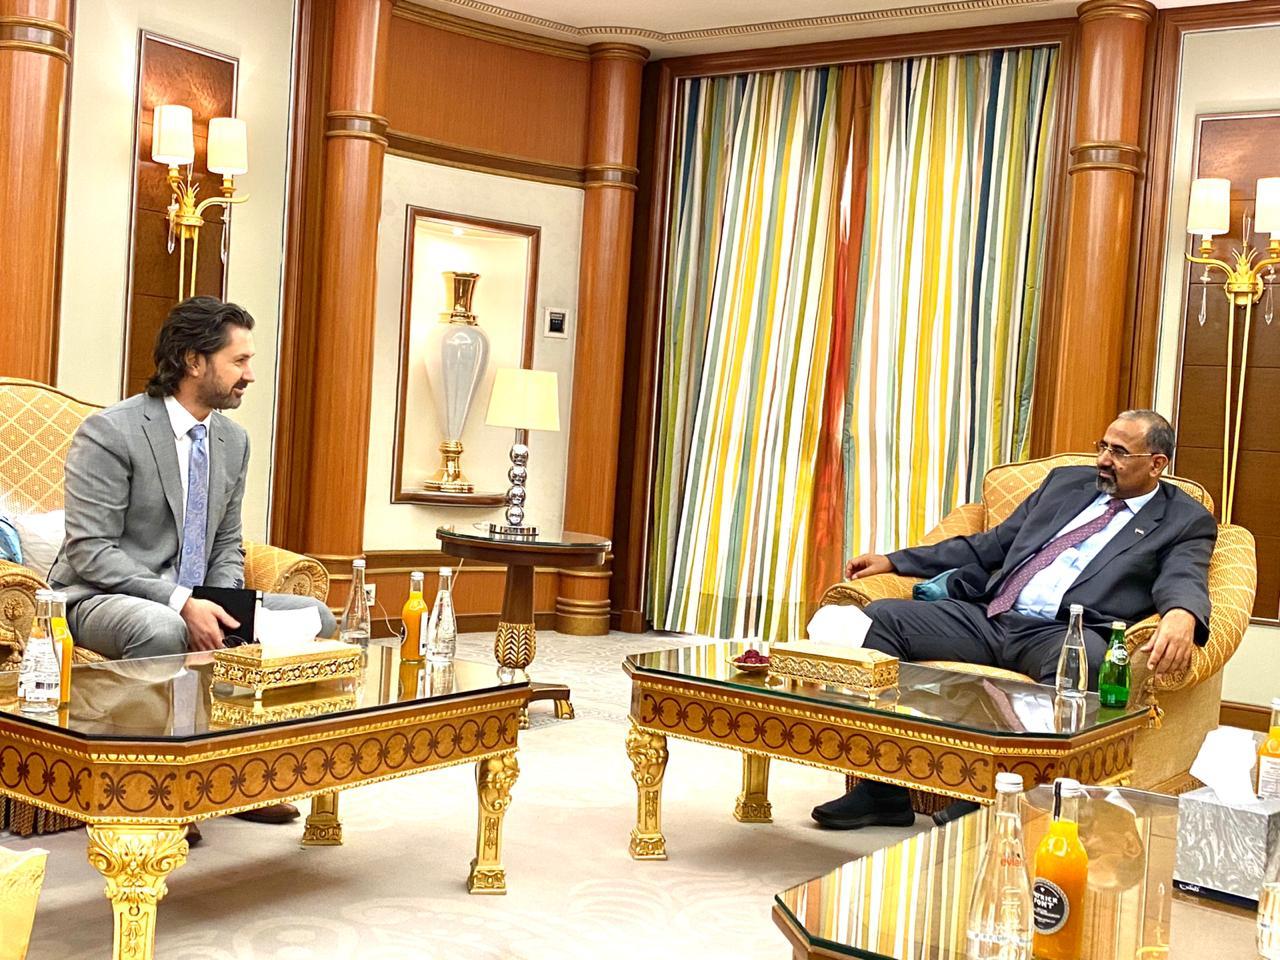 الرئيس القائد عيدروس الزُبيدي يستقبل مسؤولين من بعثة المملكة المتحدة